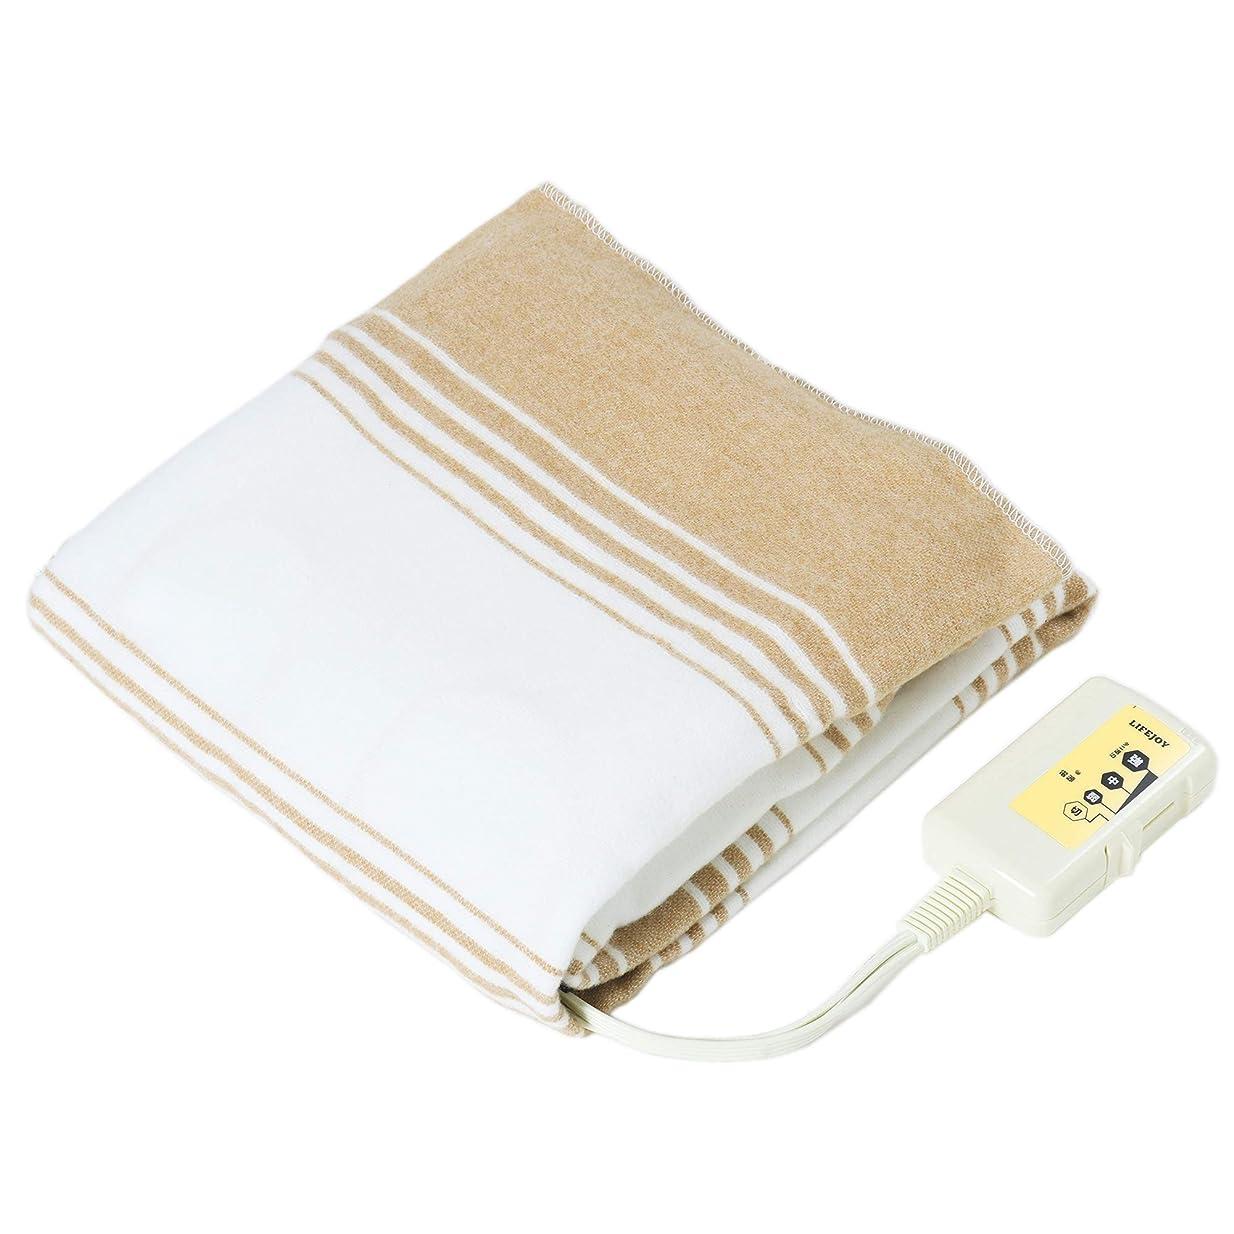 タイトル懐疑論落ち着いたLIFEJOY 洗える 電気毛布 敷きタイプ 130cm×80cm ブラウン BS402